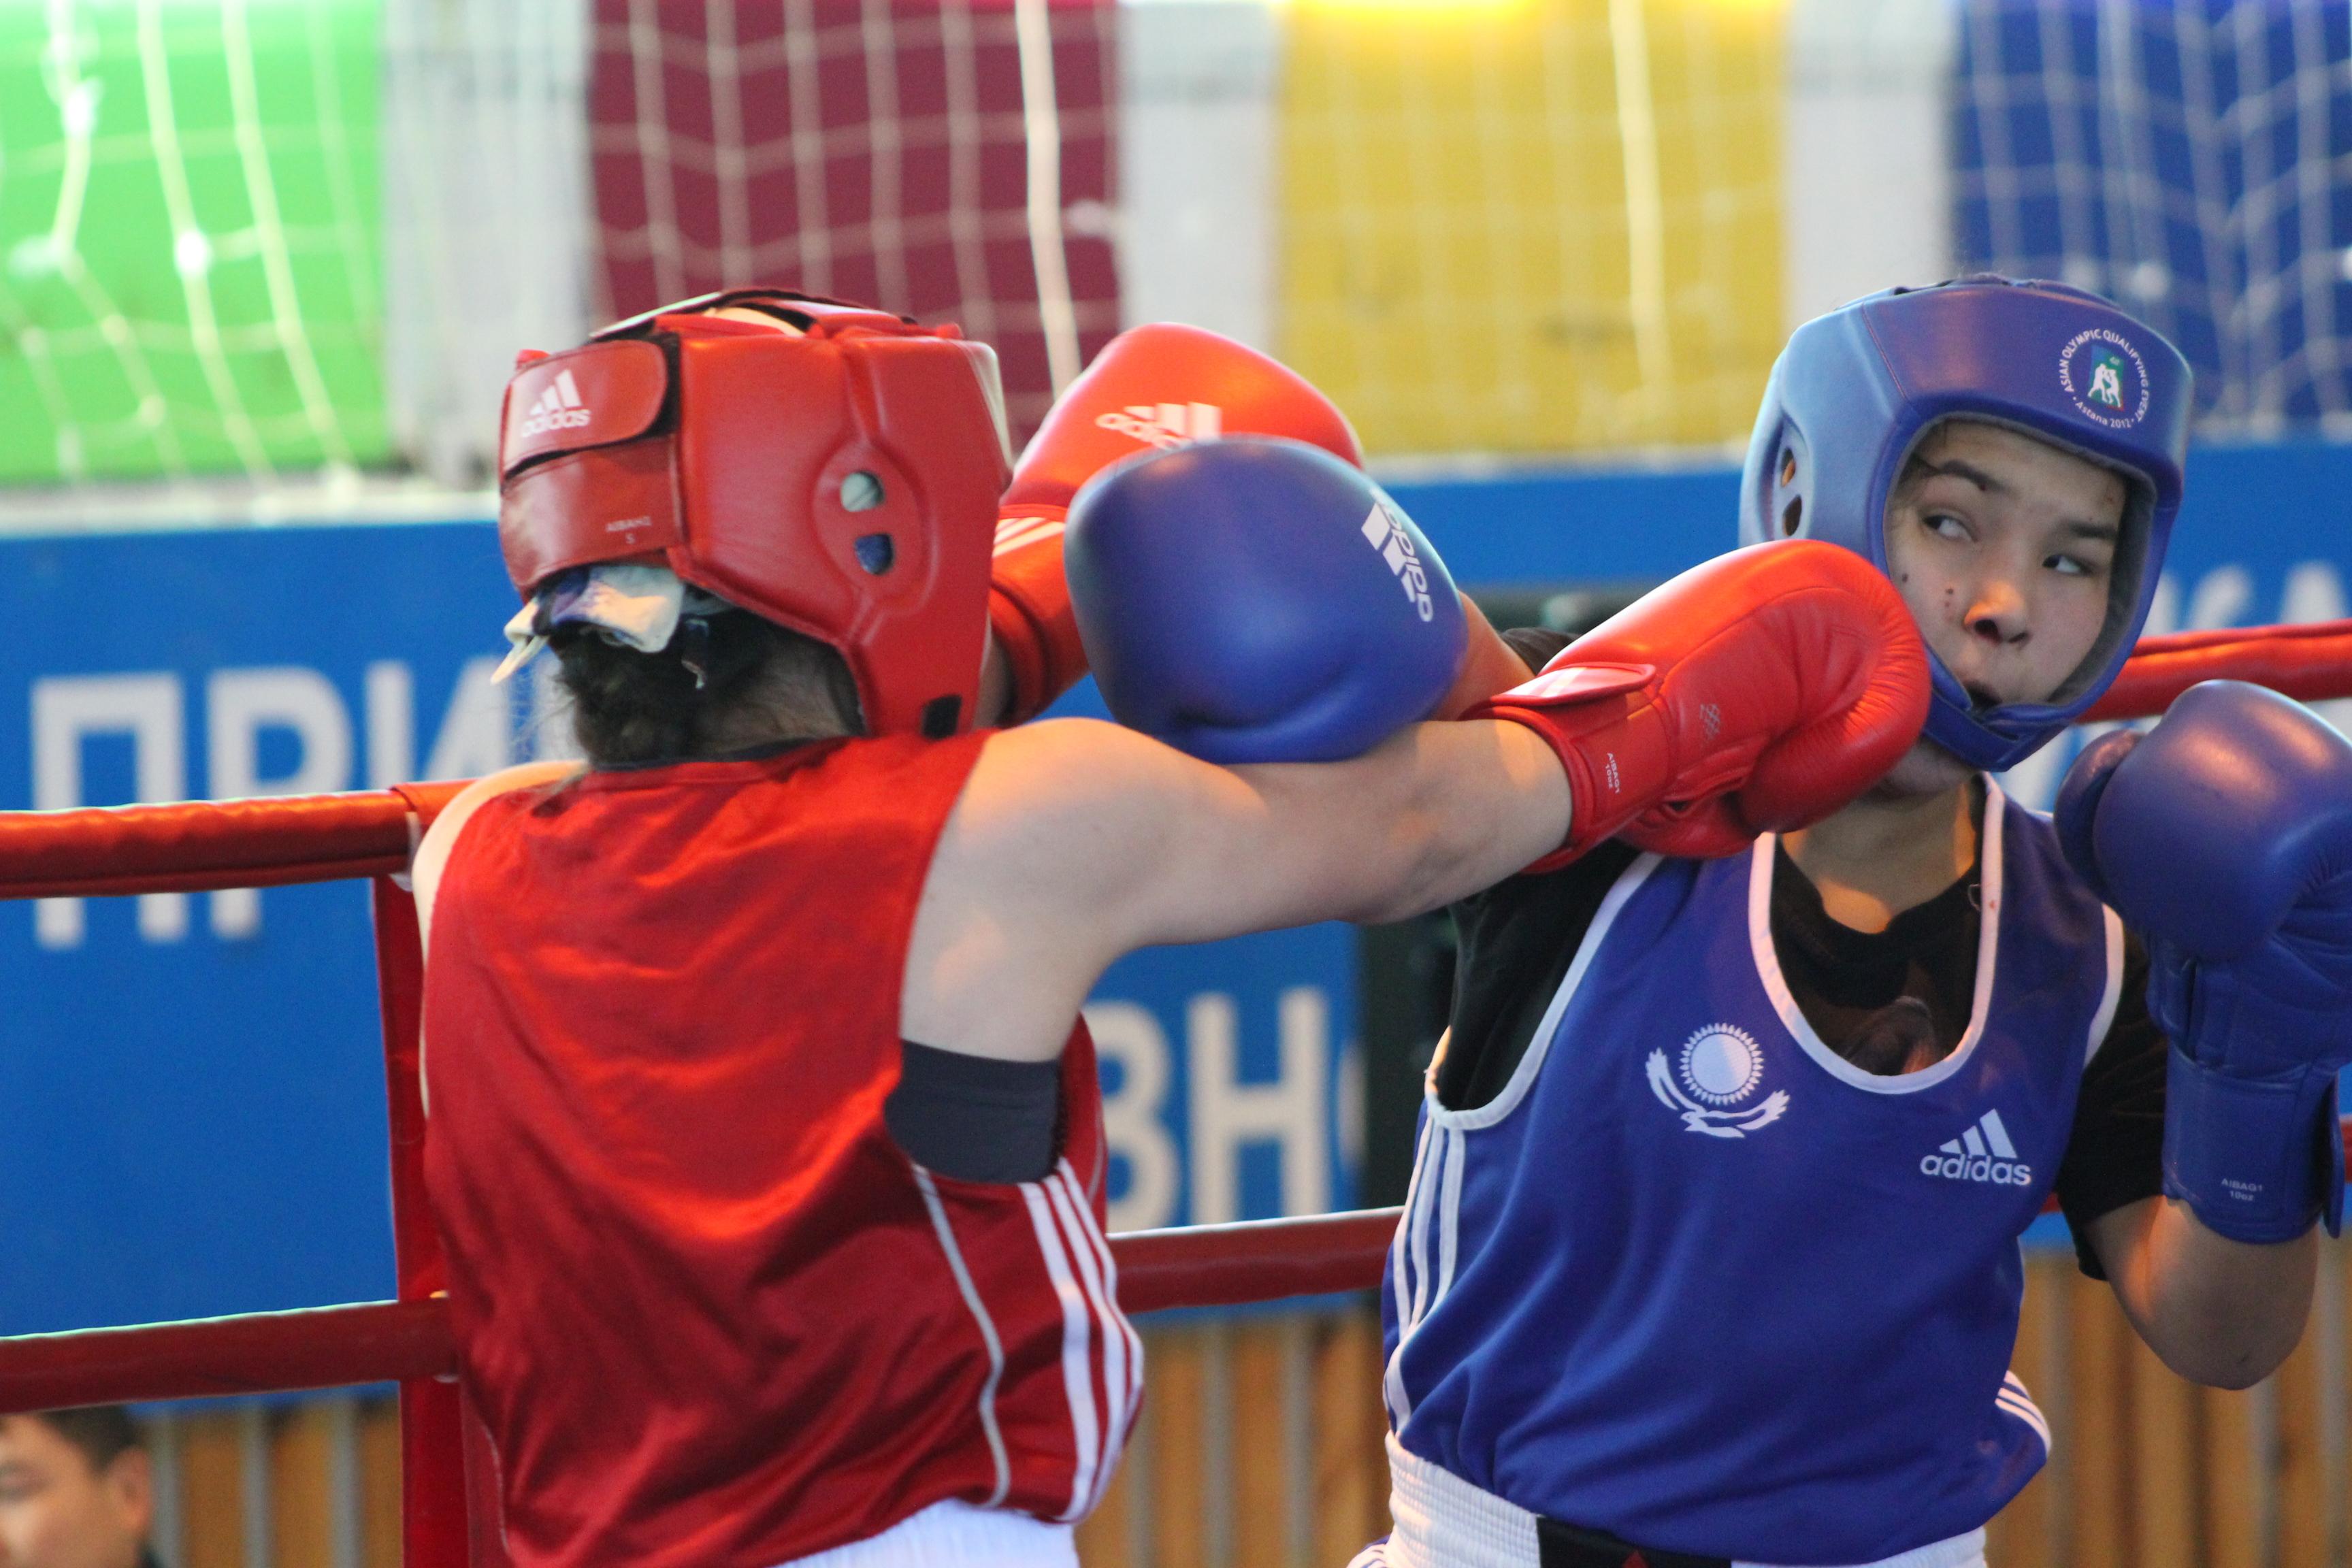 Боксерши на ринге